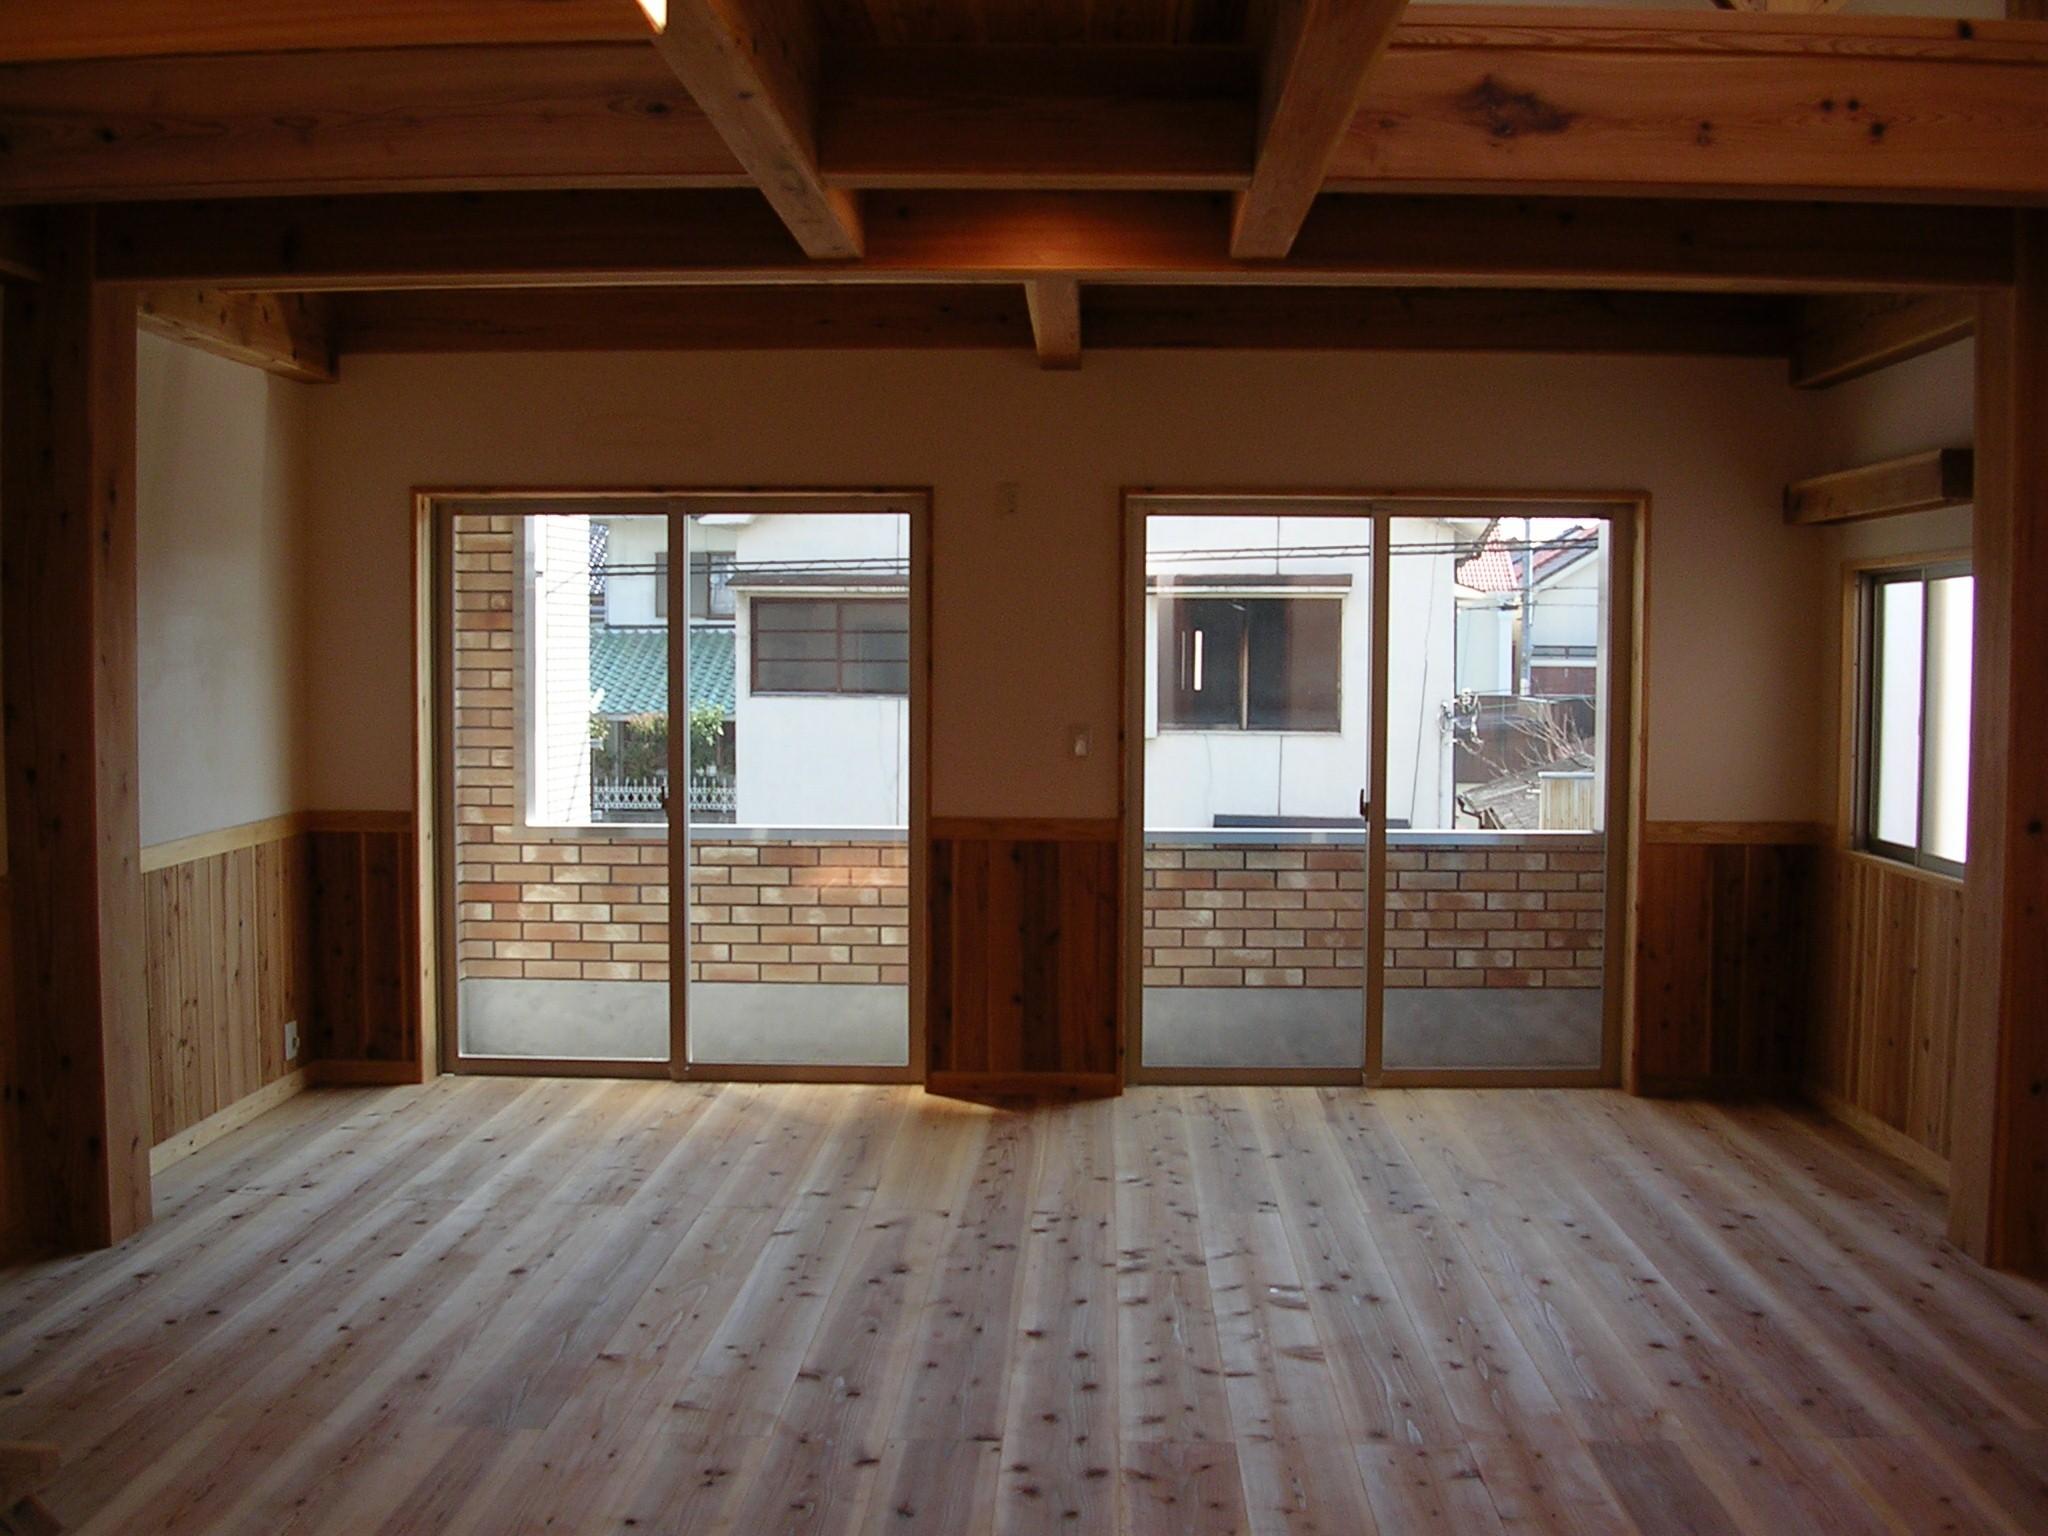 ベッドルーム事例:大きな窓で明るい空間に(大阪府東大阪市O様 新築施工事例)